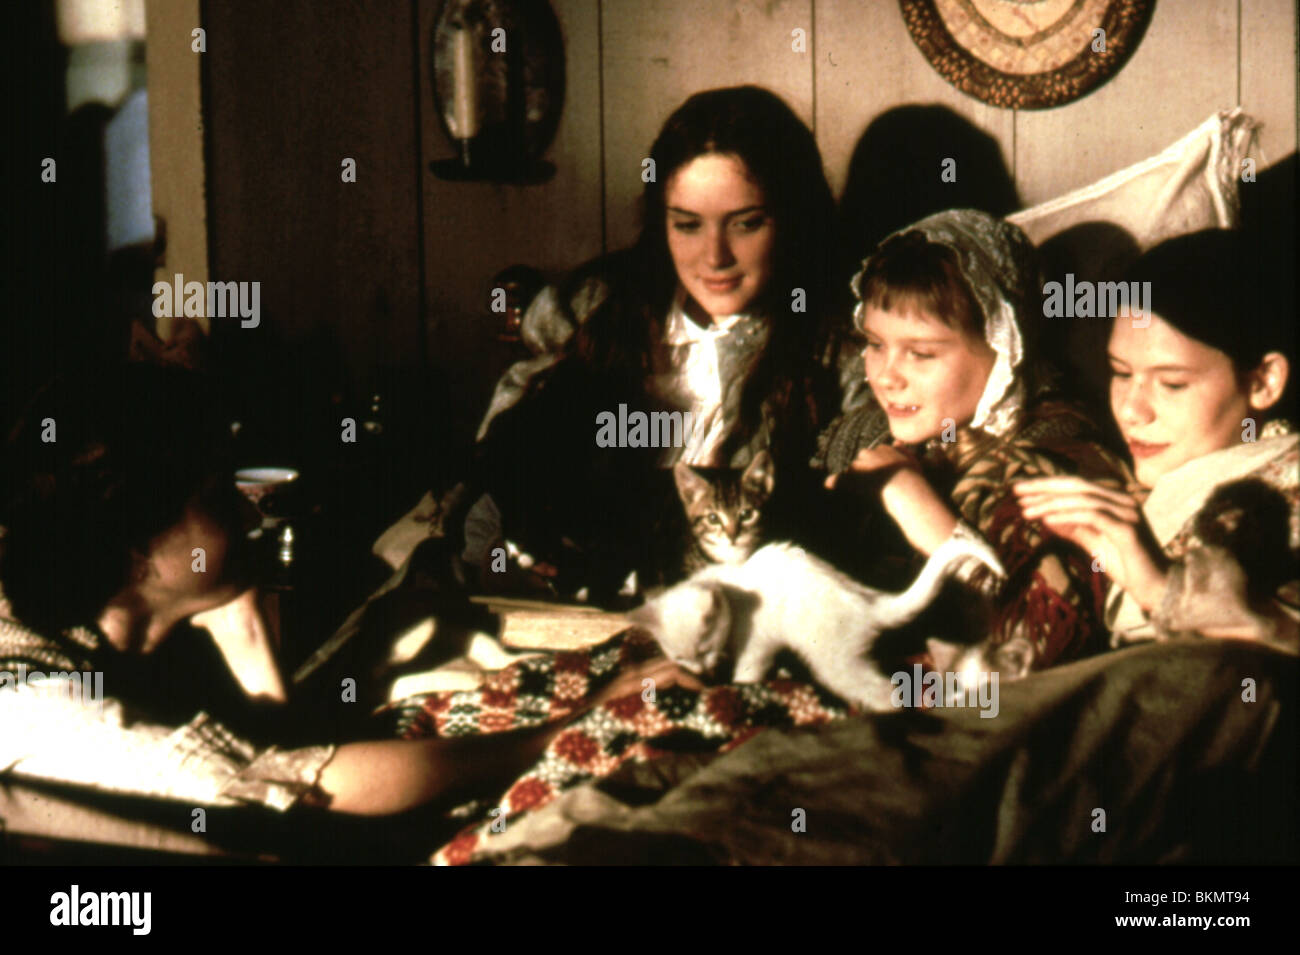 little women movie 1994 stock photos amp little women movie